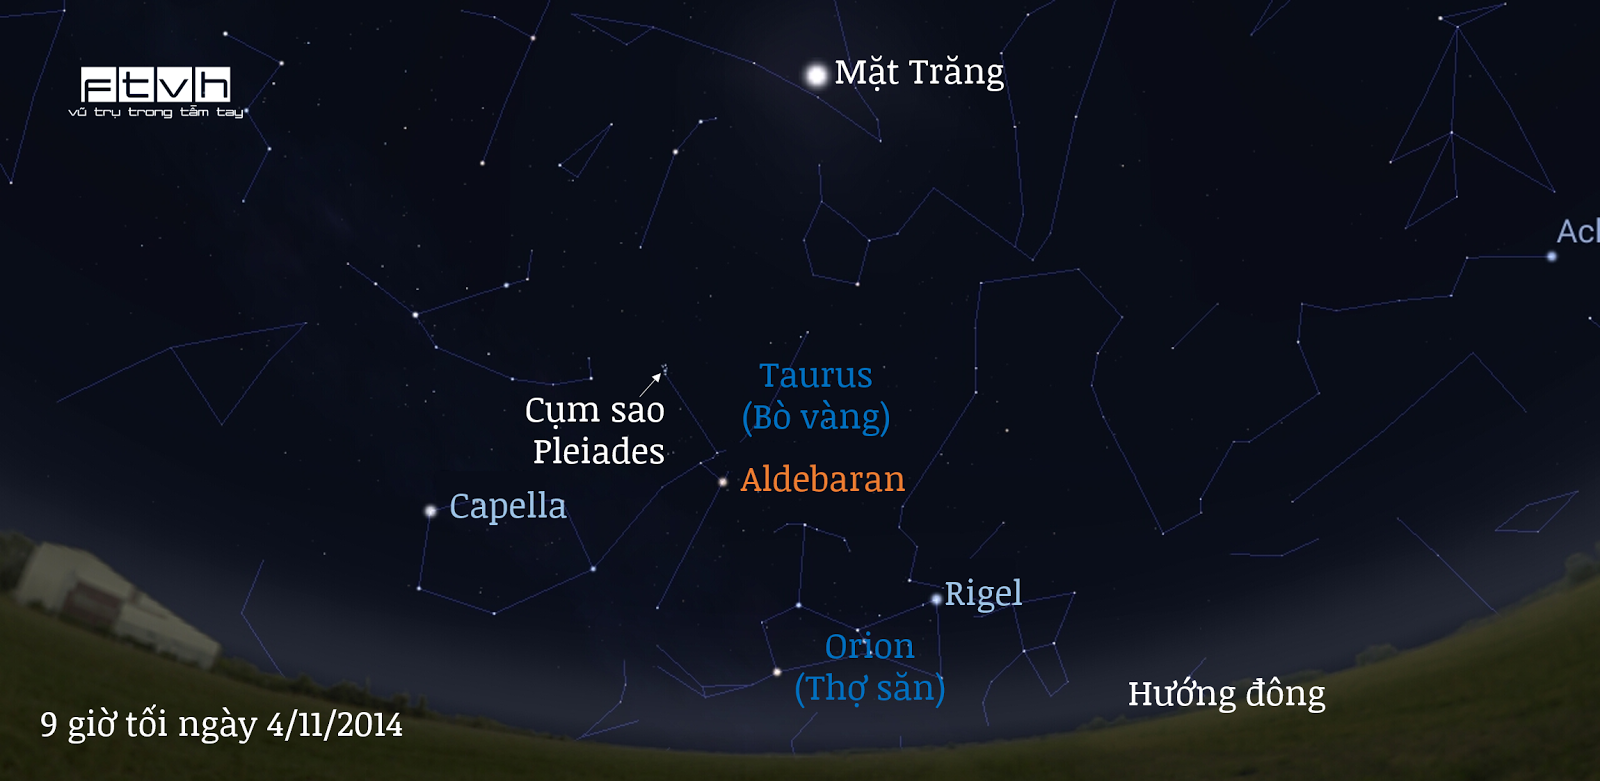 Bầu trời hướng đông lúc 9 giờ sáng ngày 4/11. Chòm sao Taurus (Con bò vàng) đã mọc lên từ hướng đông, nếu bạn rảnh rỗi và muốn ngắm sao băng Taurid thì hãy quan sát ở hướng này vào sau nửa đêm.